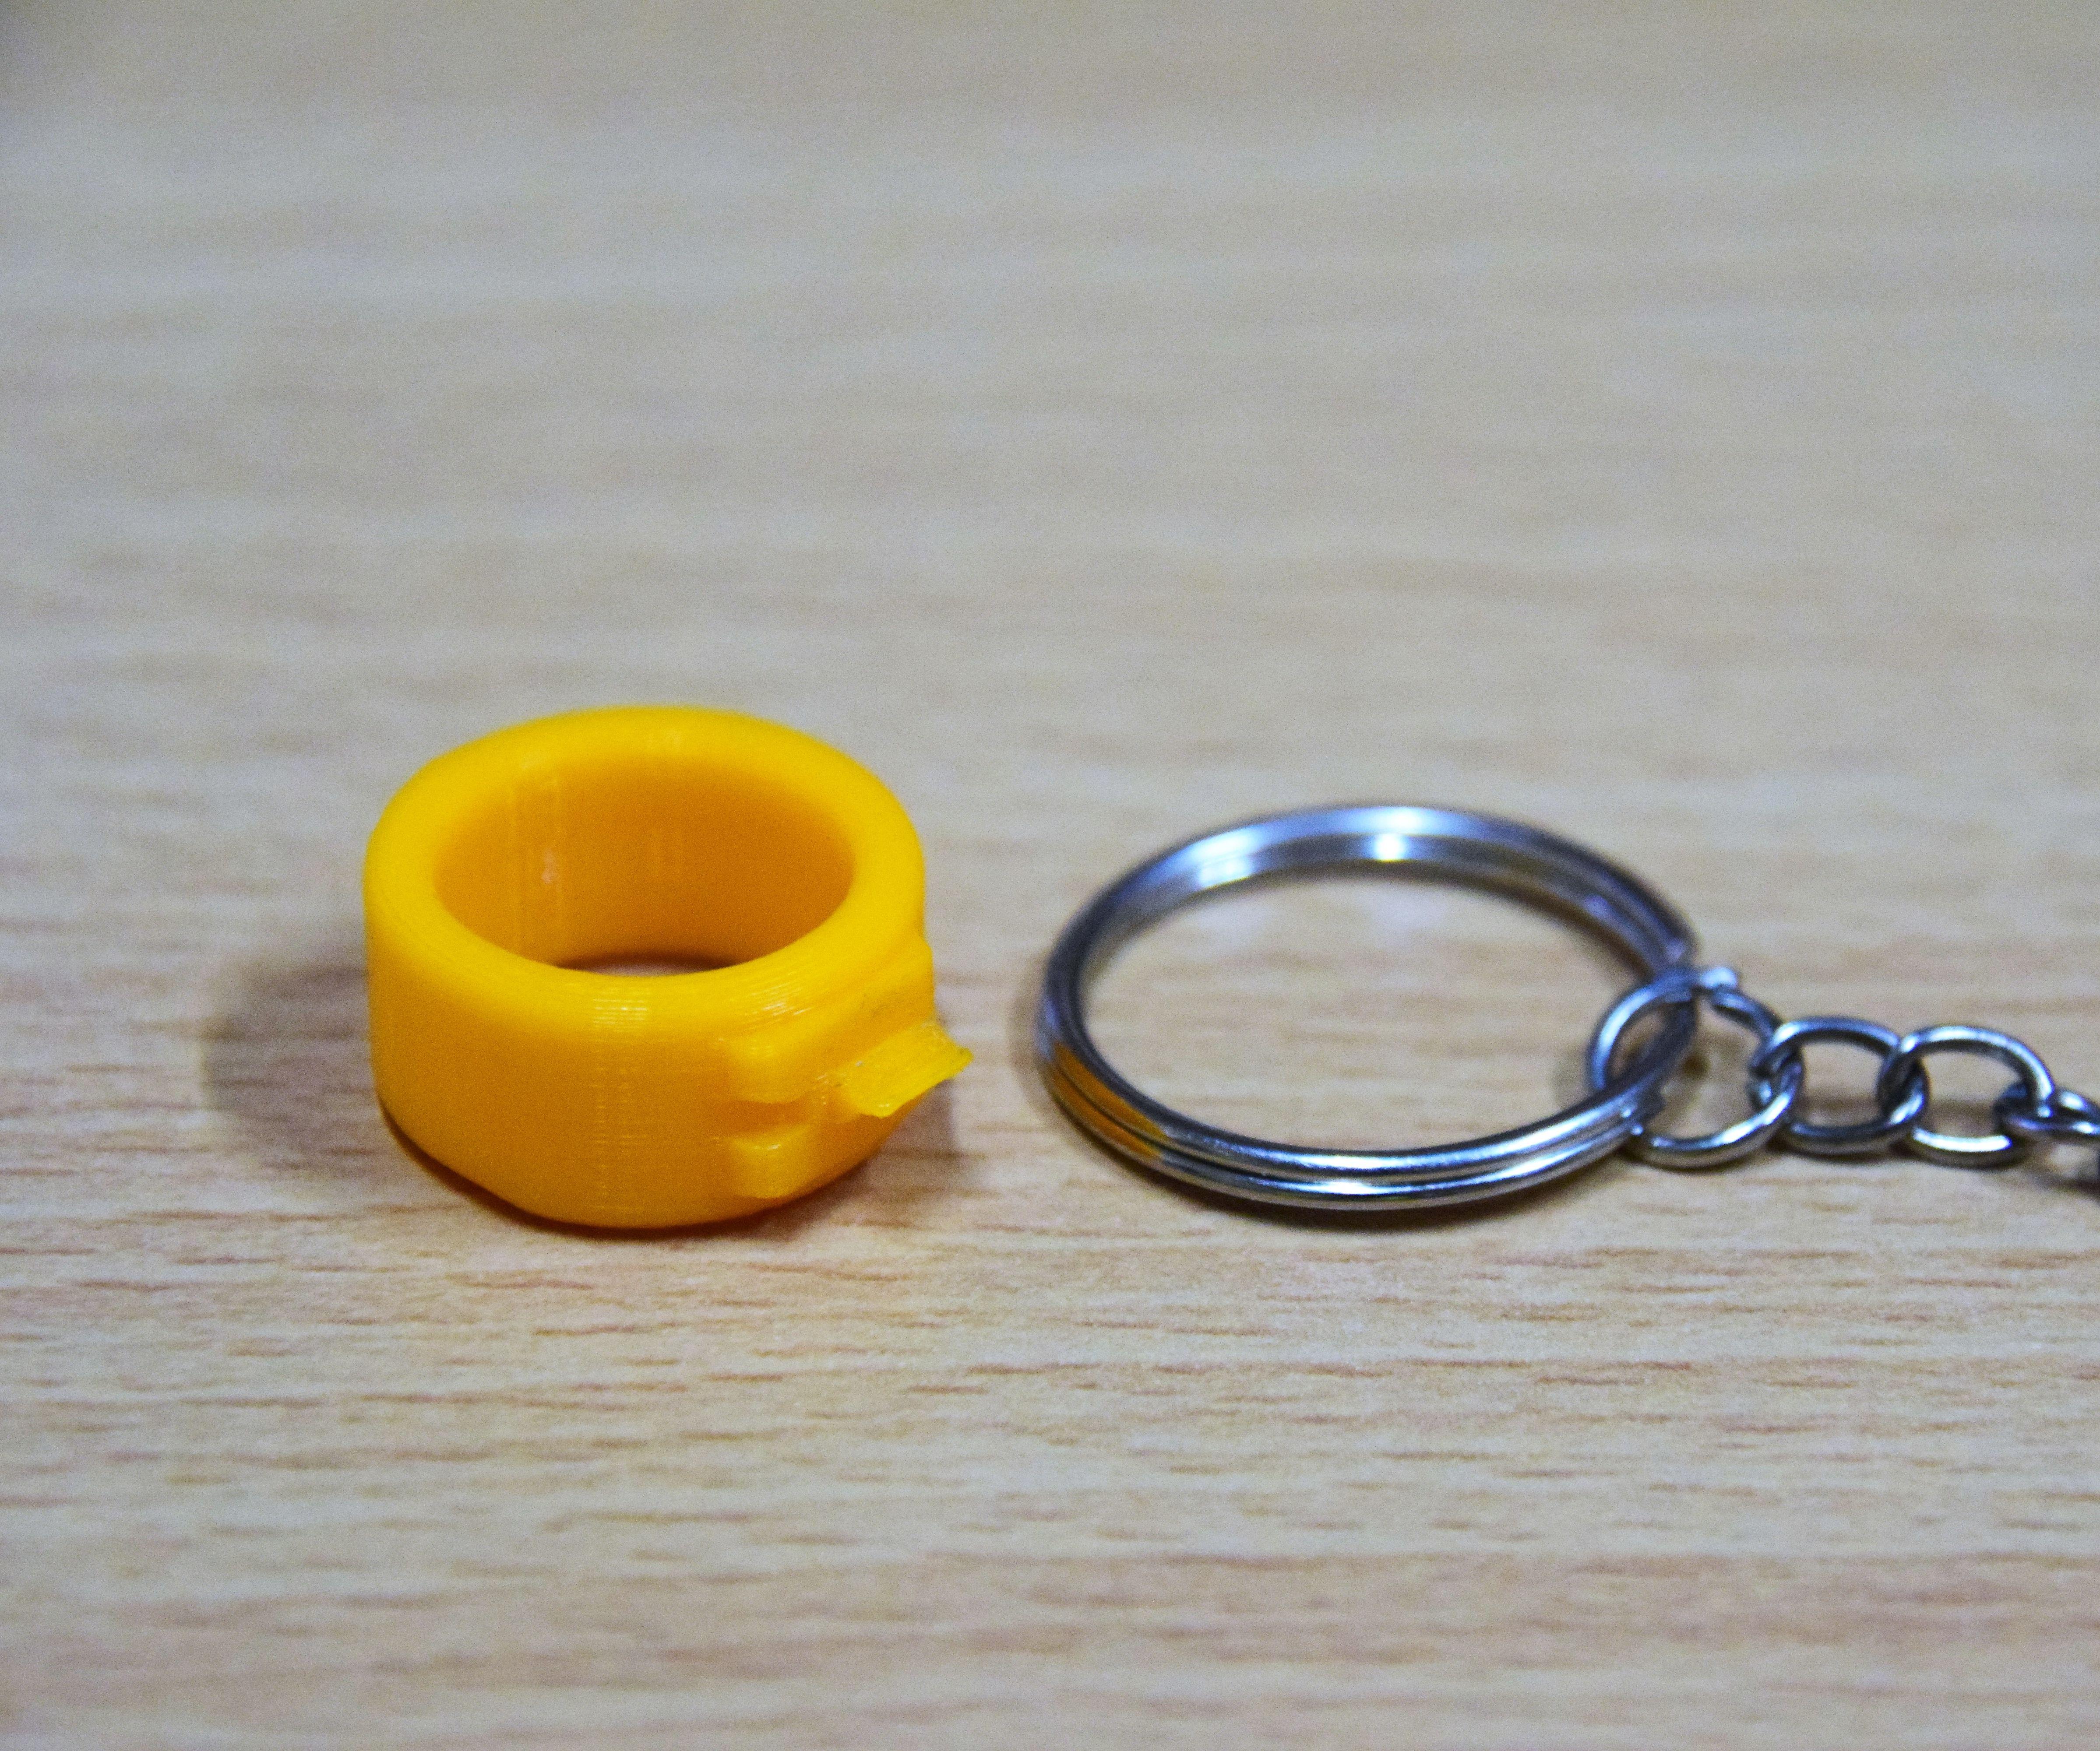 Simple Keychain Tool